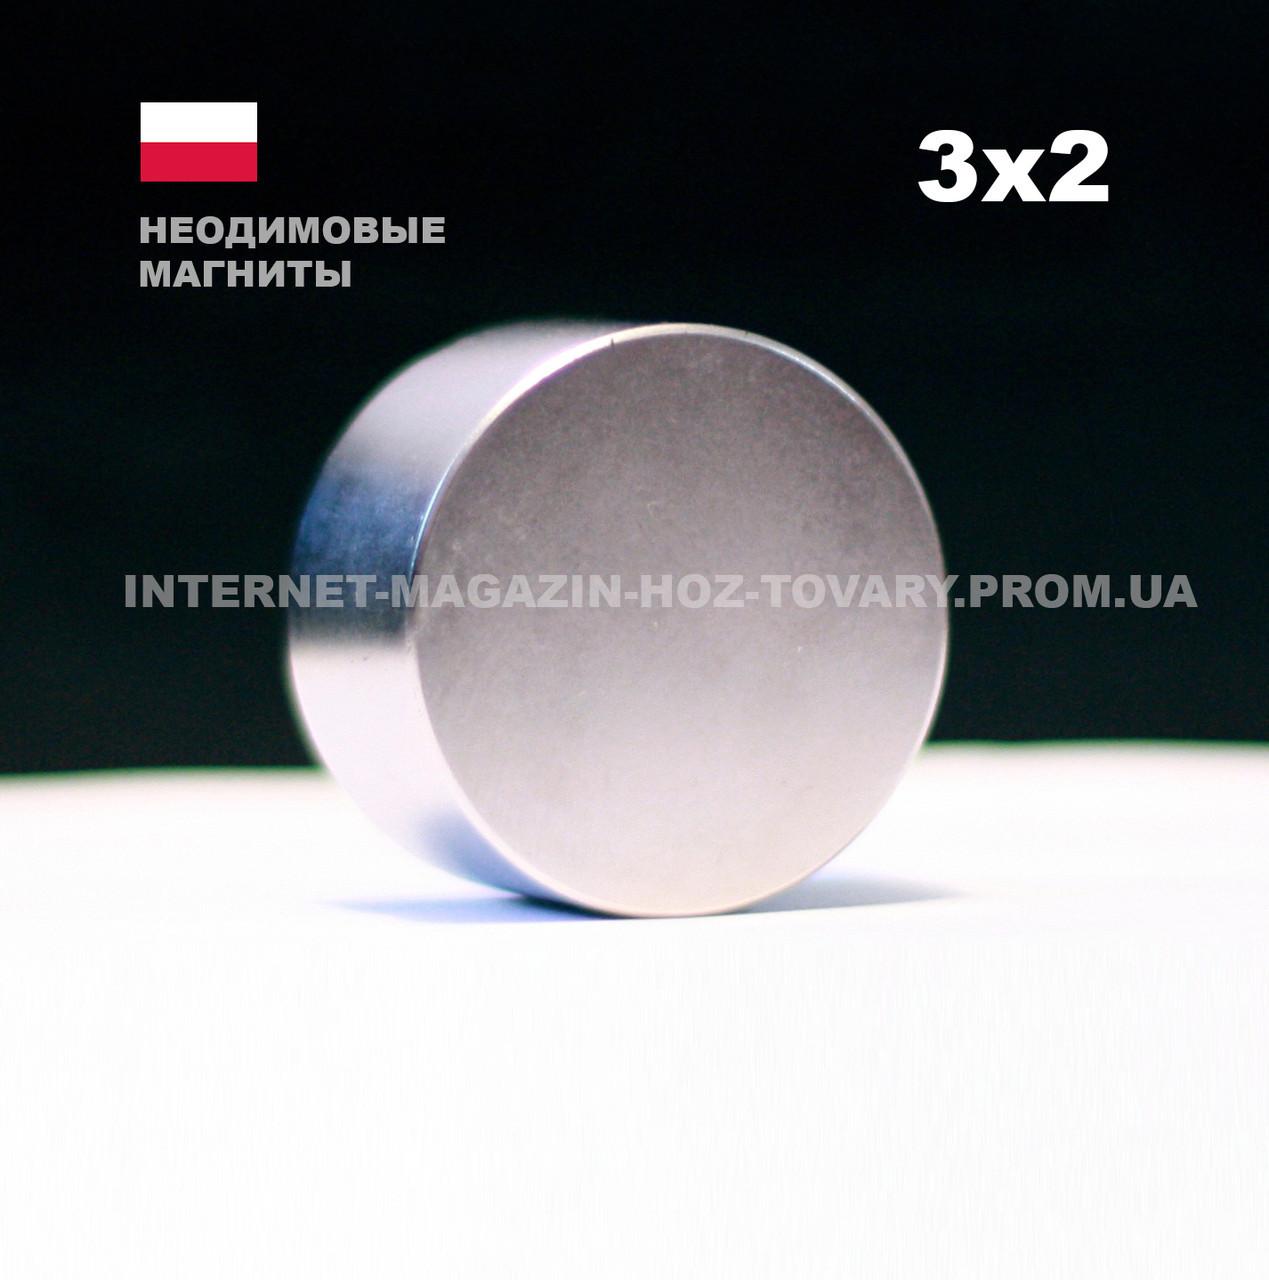 Неодимовые магниты 3*2